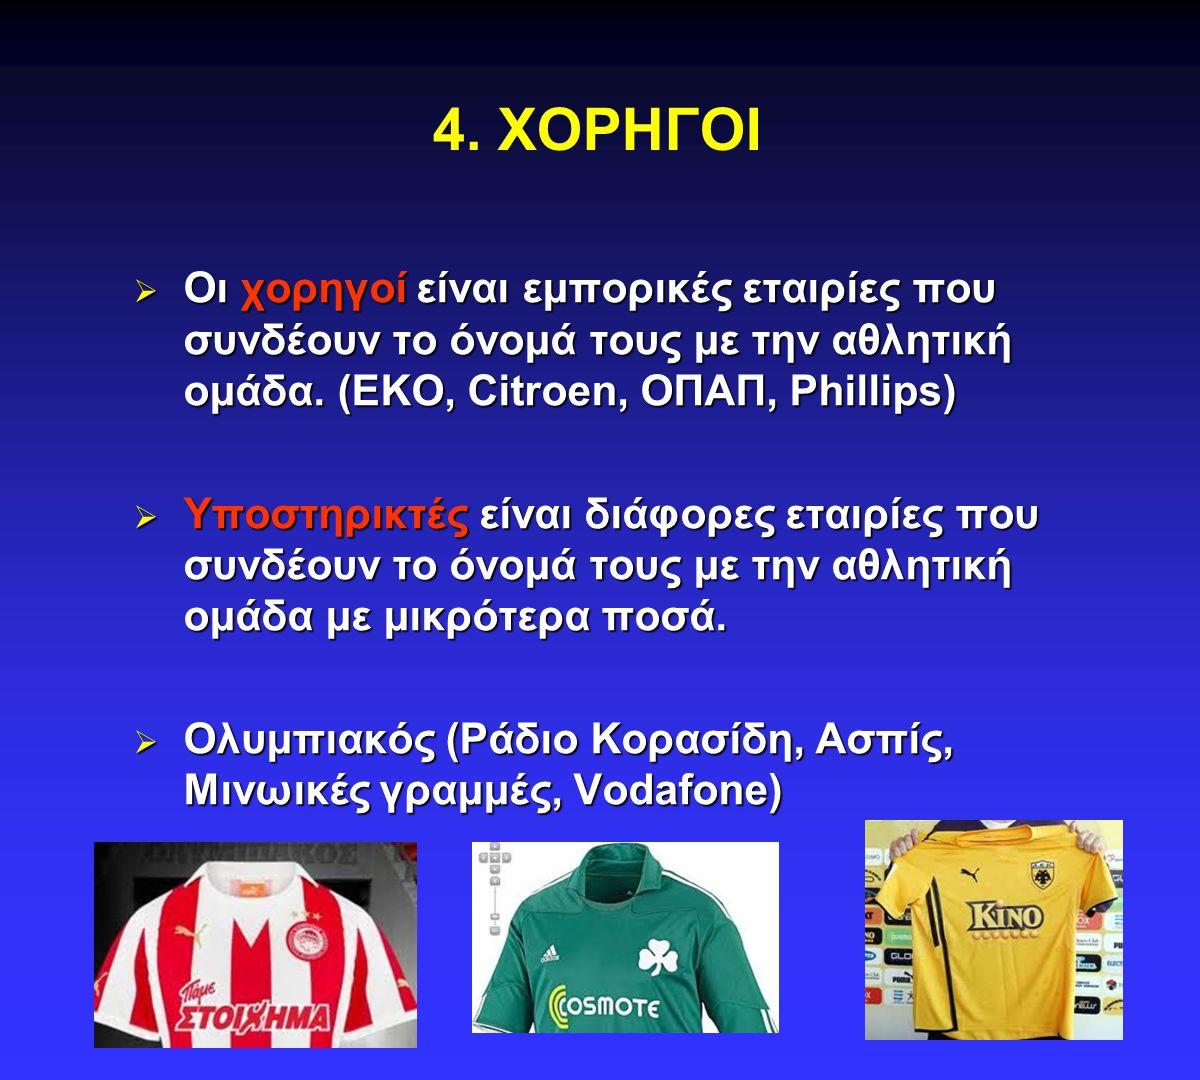 4.ΧΟΡΗΓΟΙ  Οι χορηγοί είναι εμπορικές εταιρίες που συνδέουν το όνομά τους με την αθλητική ομάδα.